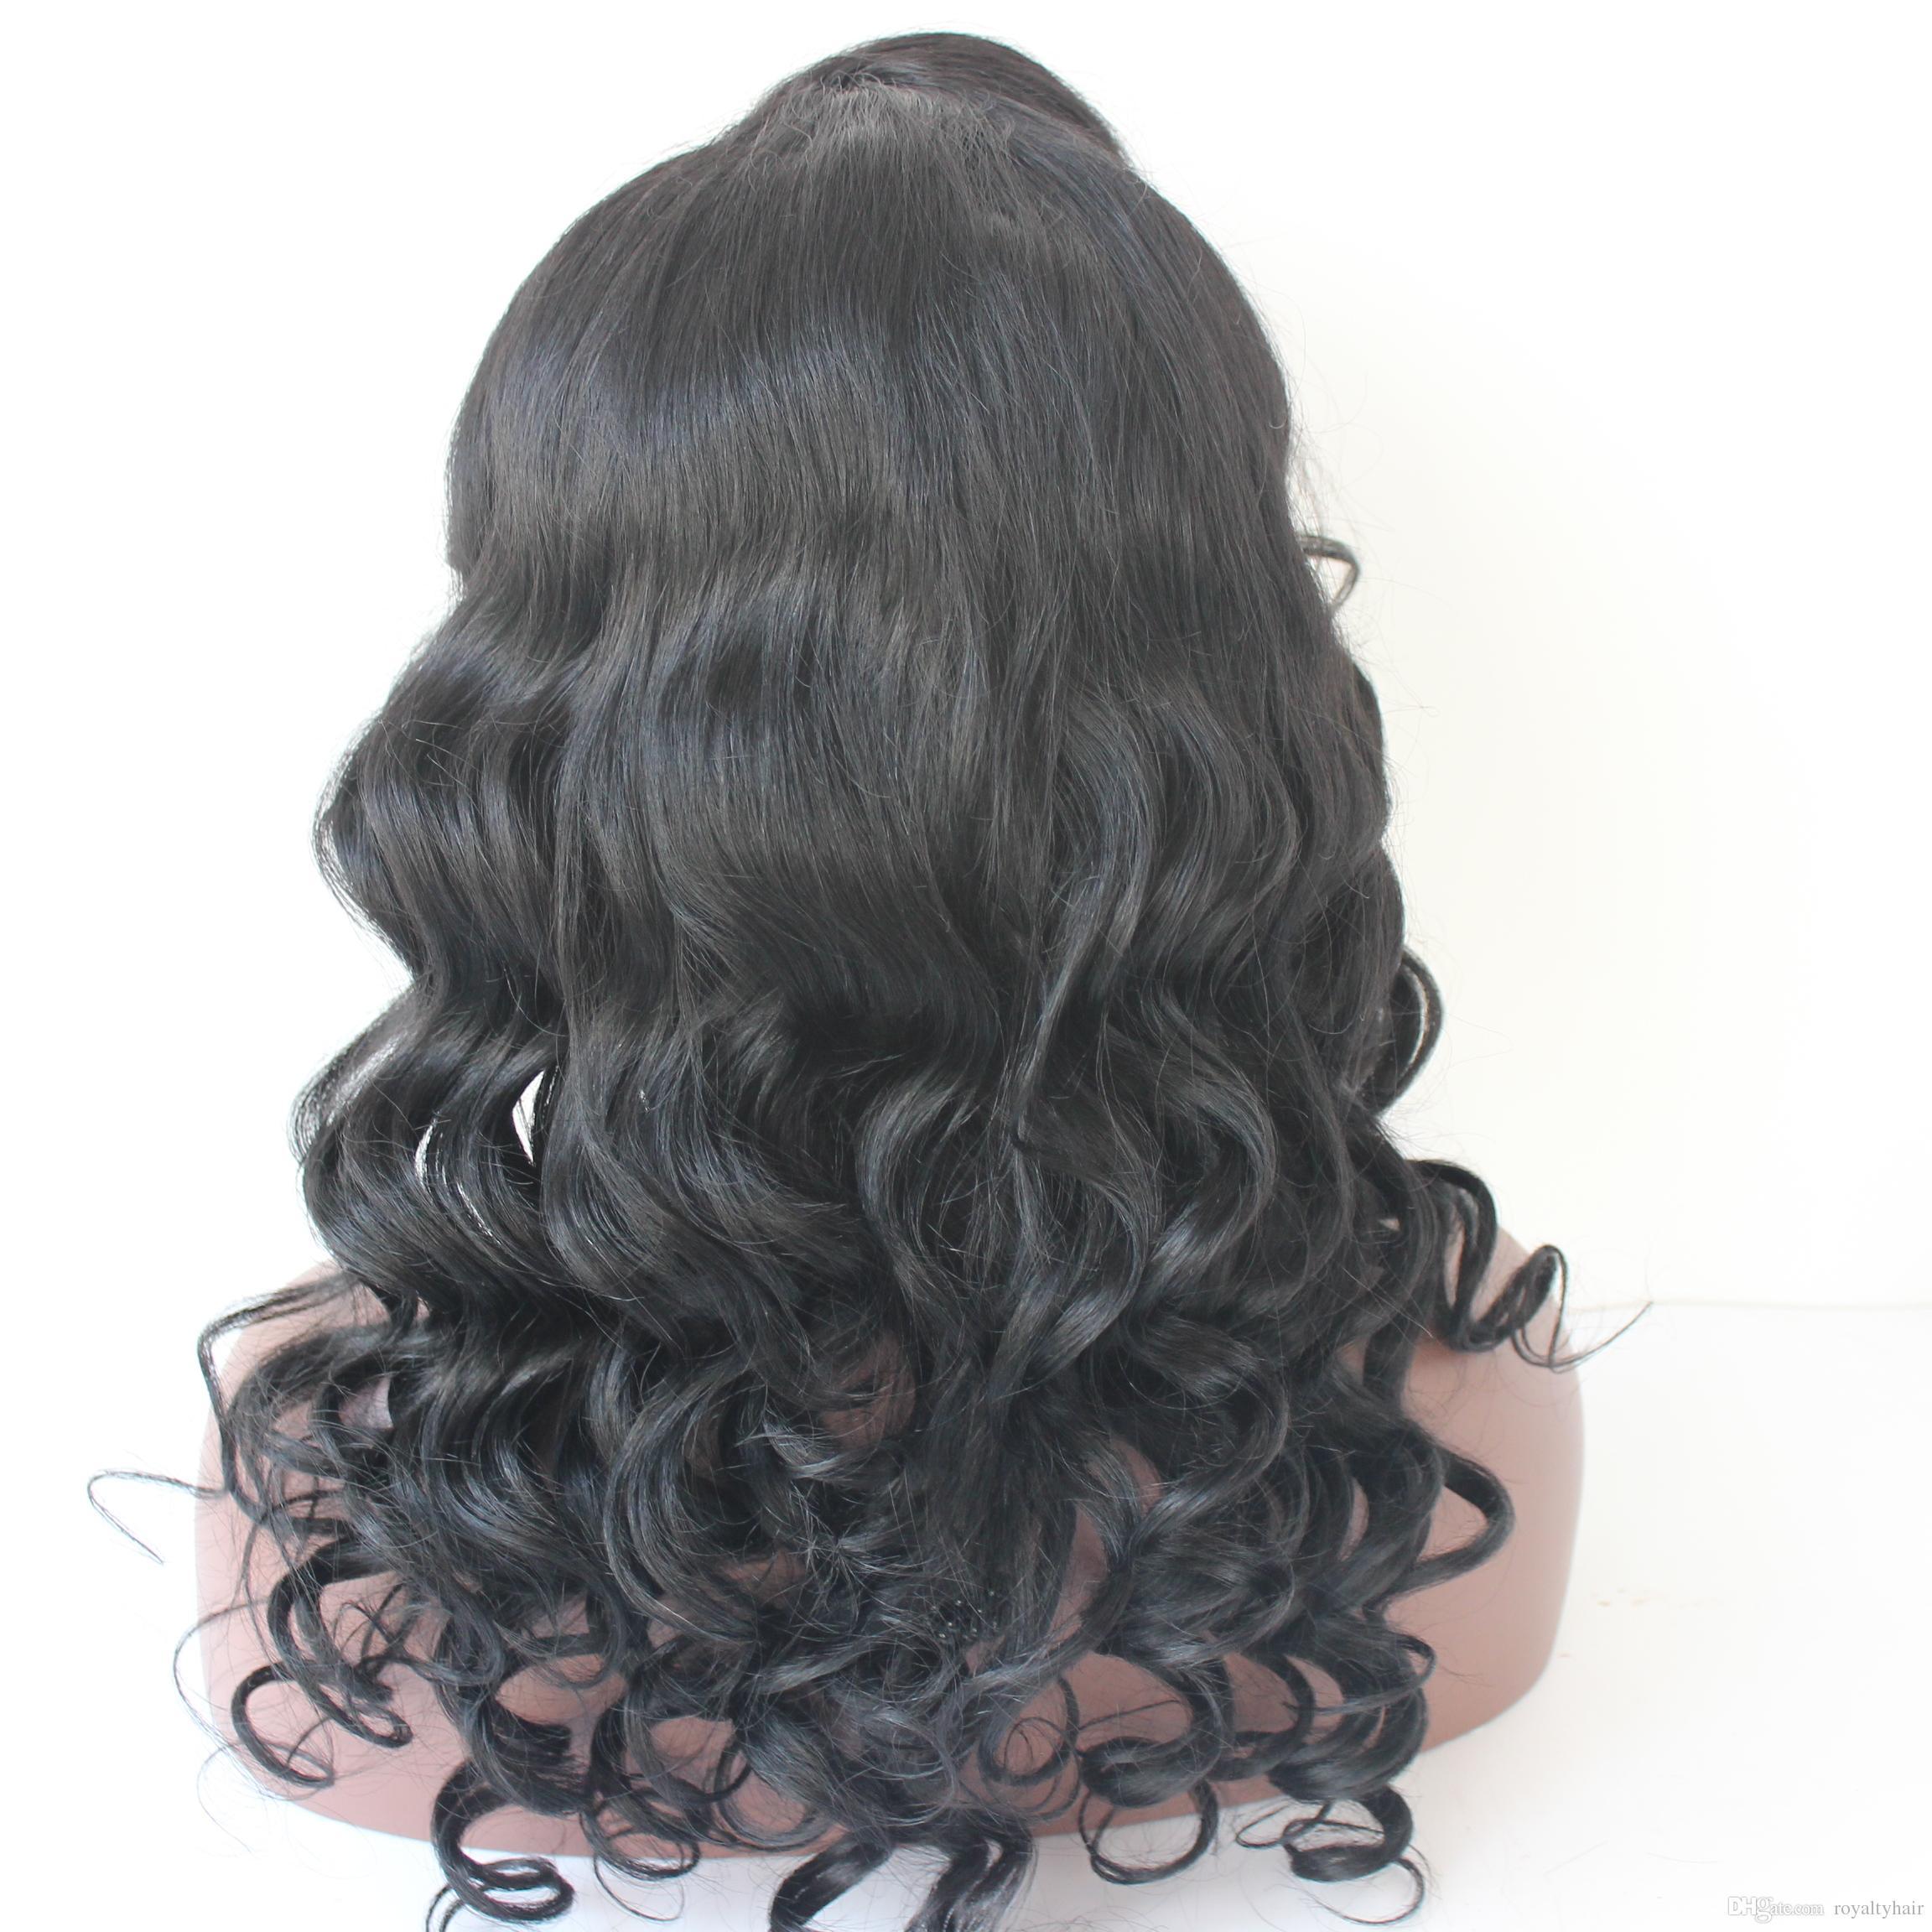 Pelucas de cabello humano de onda suelta con flequillo de parte lateral Peluca peruana de encaje completo sin procesar Nudos blanqueados Pelucas delanteras de encaje Sin cola